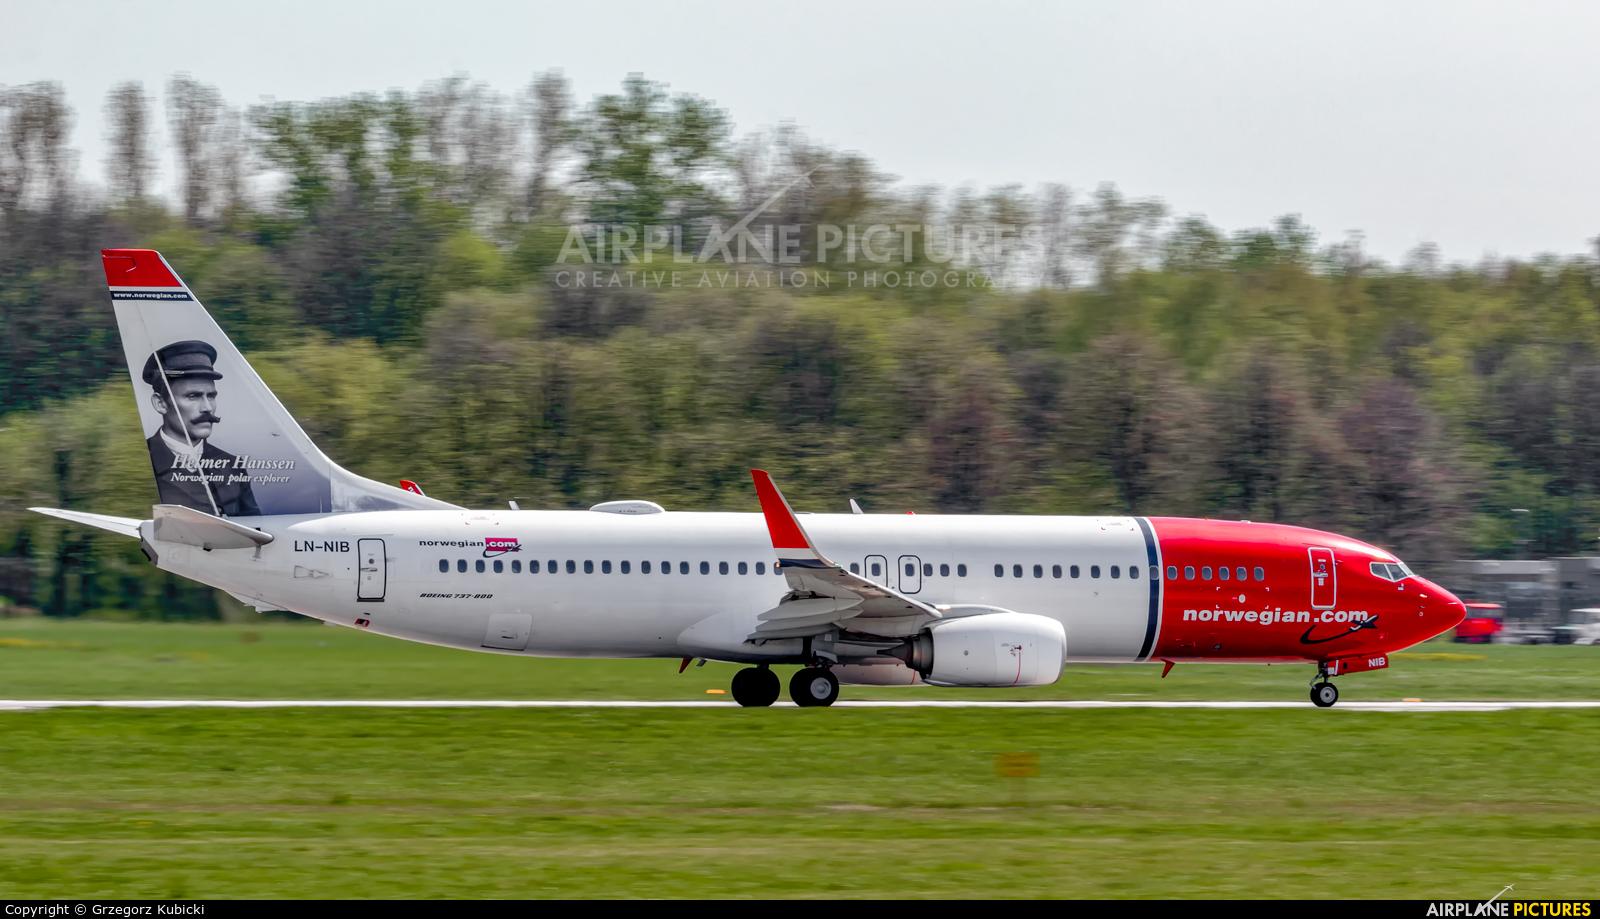 Norwegian Air Shuttle LN-NIB aircraft at Kraków - John Paul II Intl